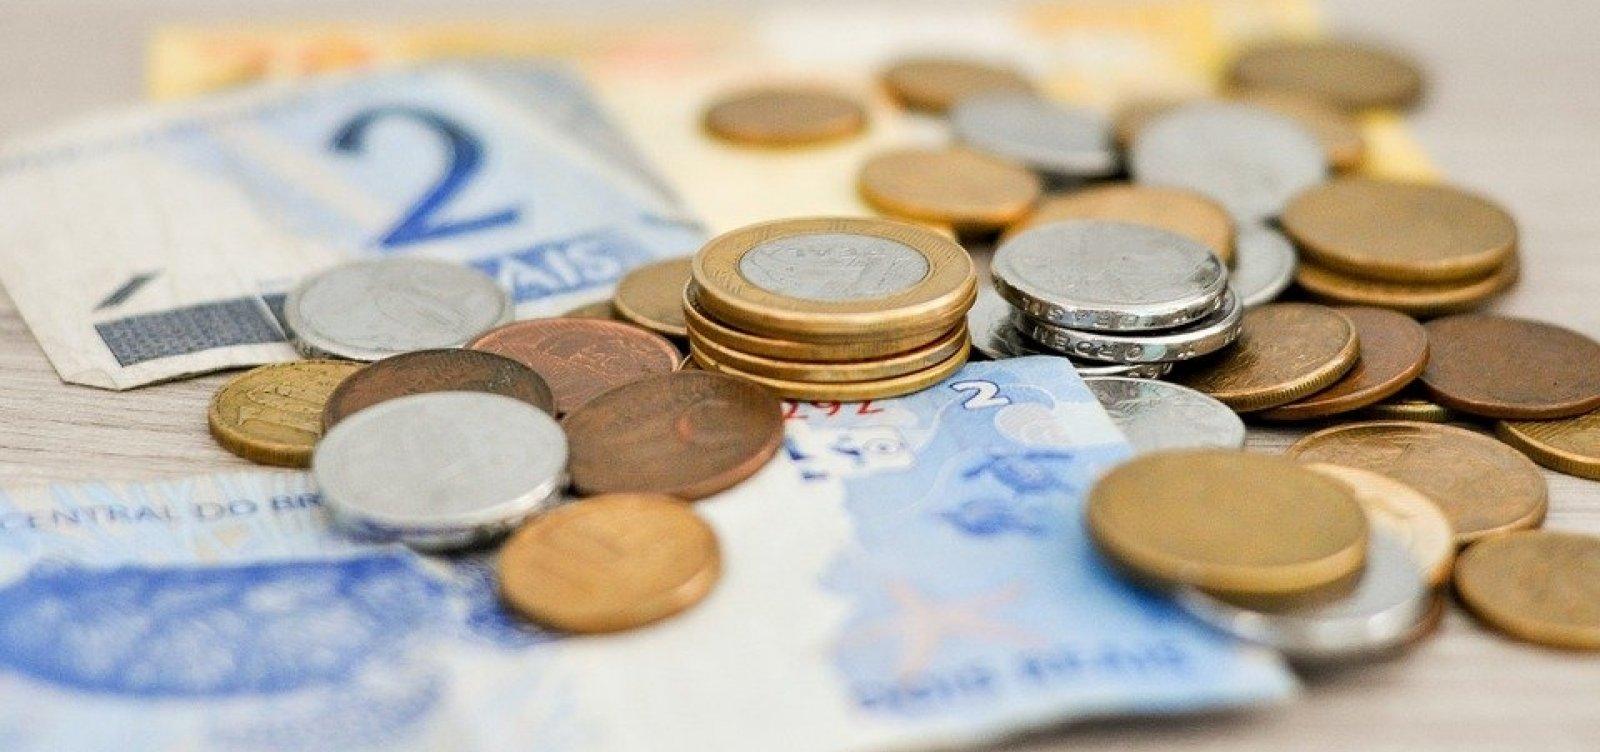 [Governo propõe salário mínimo de R$ 1.039 para 2020]